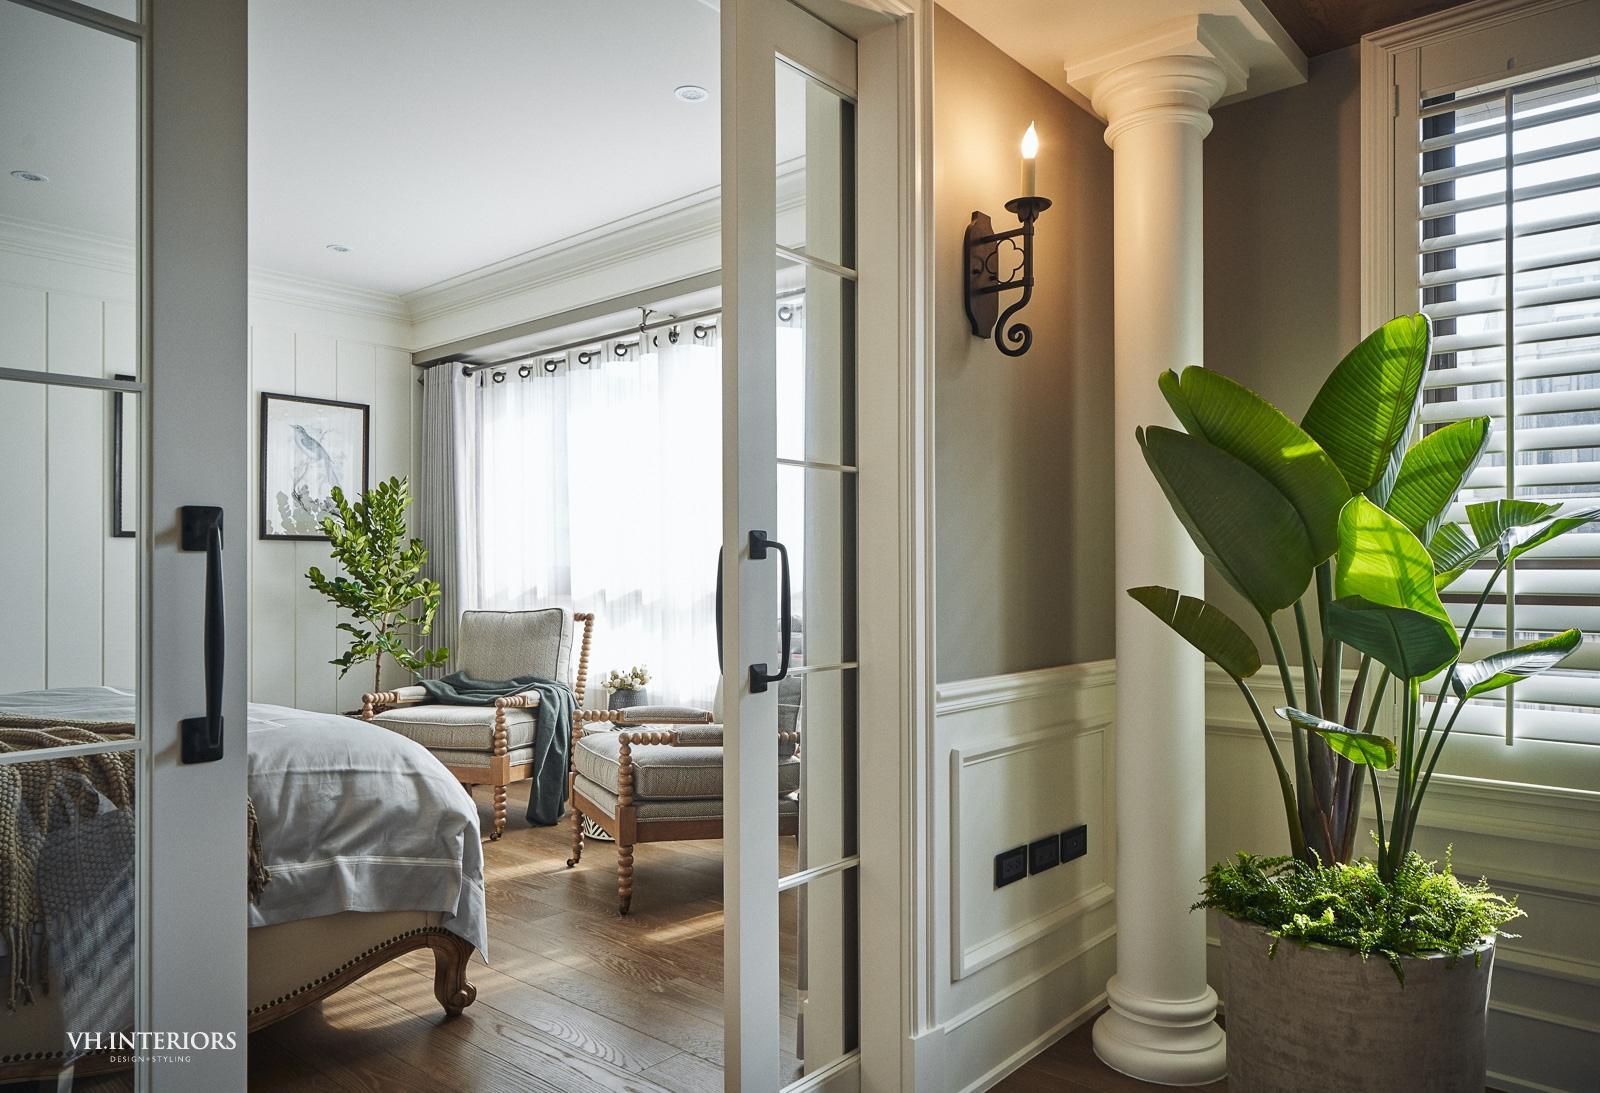 VH_ApartmentWithDog-258.jpg